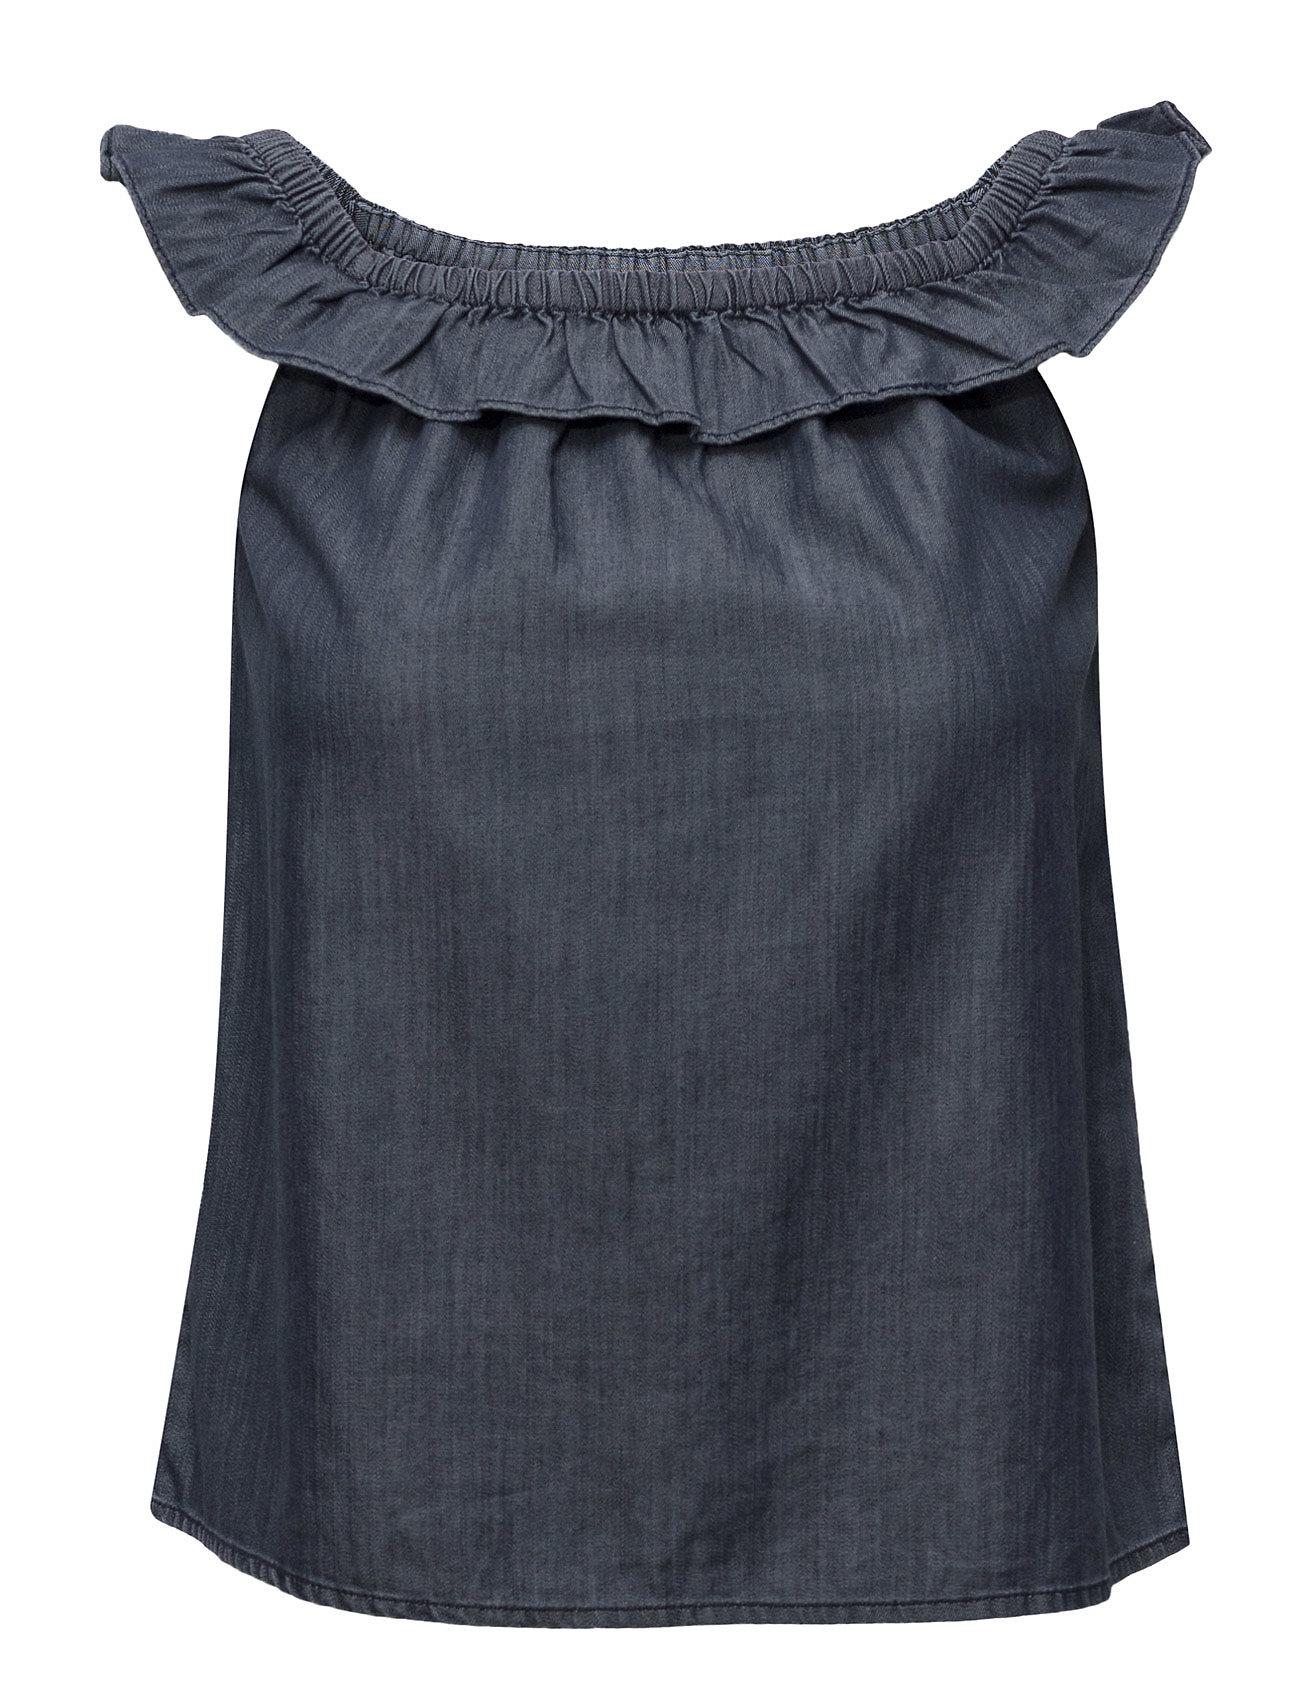 Denim & Supply Ralph Lauren Off-the-Shoulder Denim Top